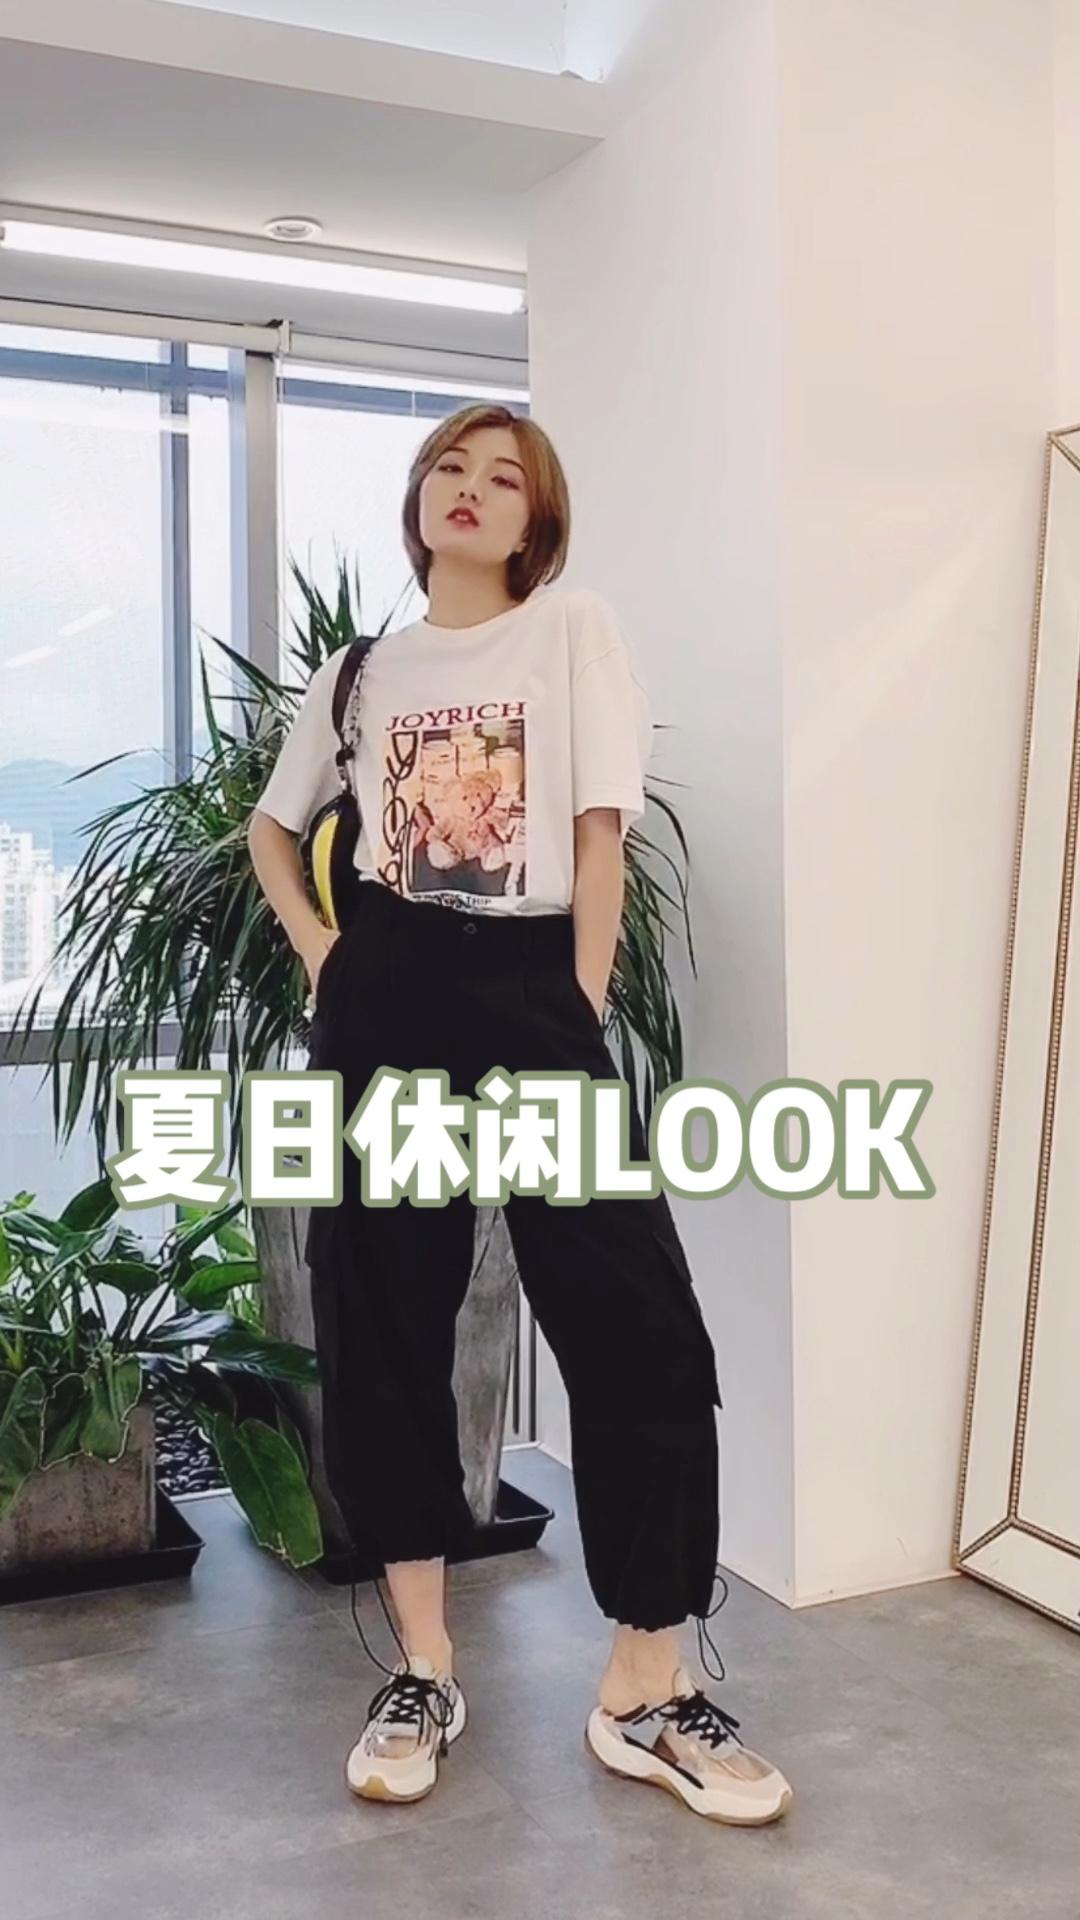 #蘑菇街新品测评# T恤加工装裤还有一双休闲鞋,超级舒适的搭配 而且永远不会出错